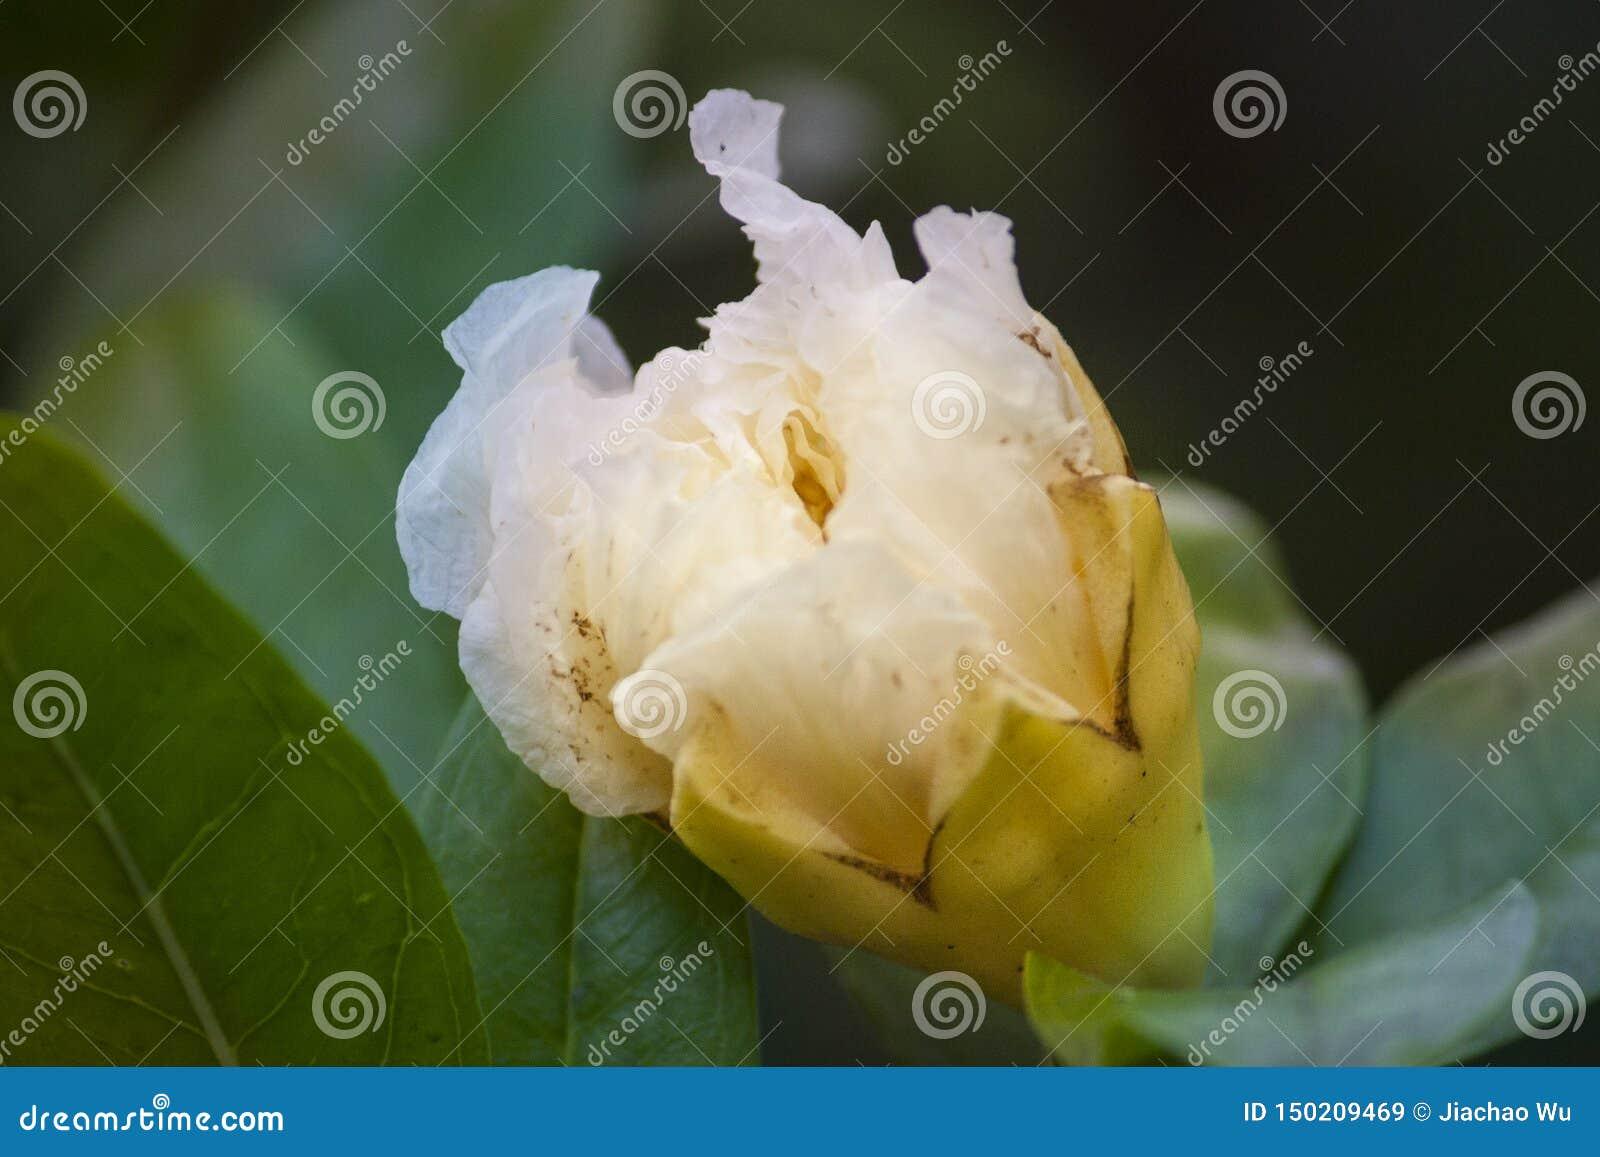 白花,透亮白花,hd花